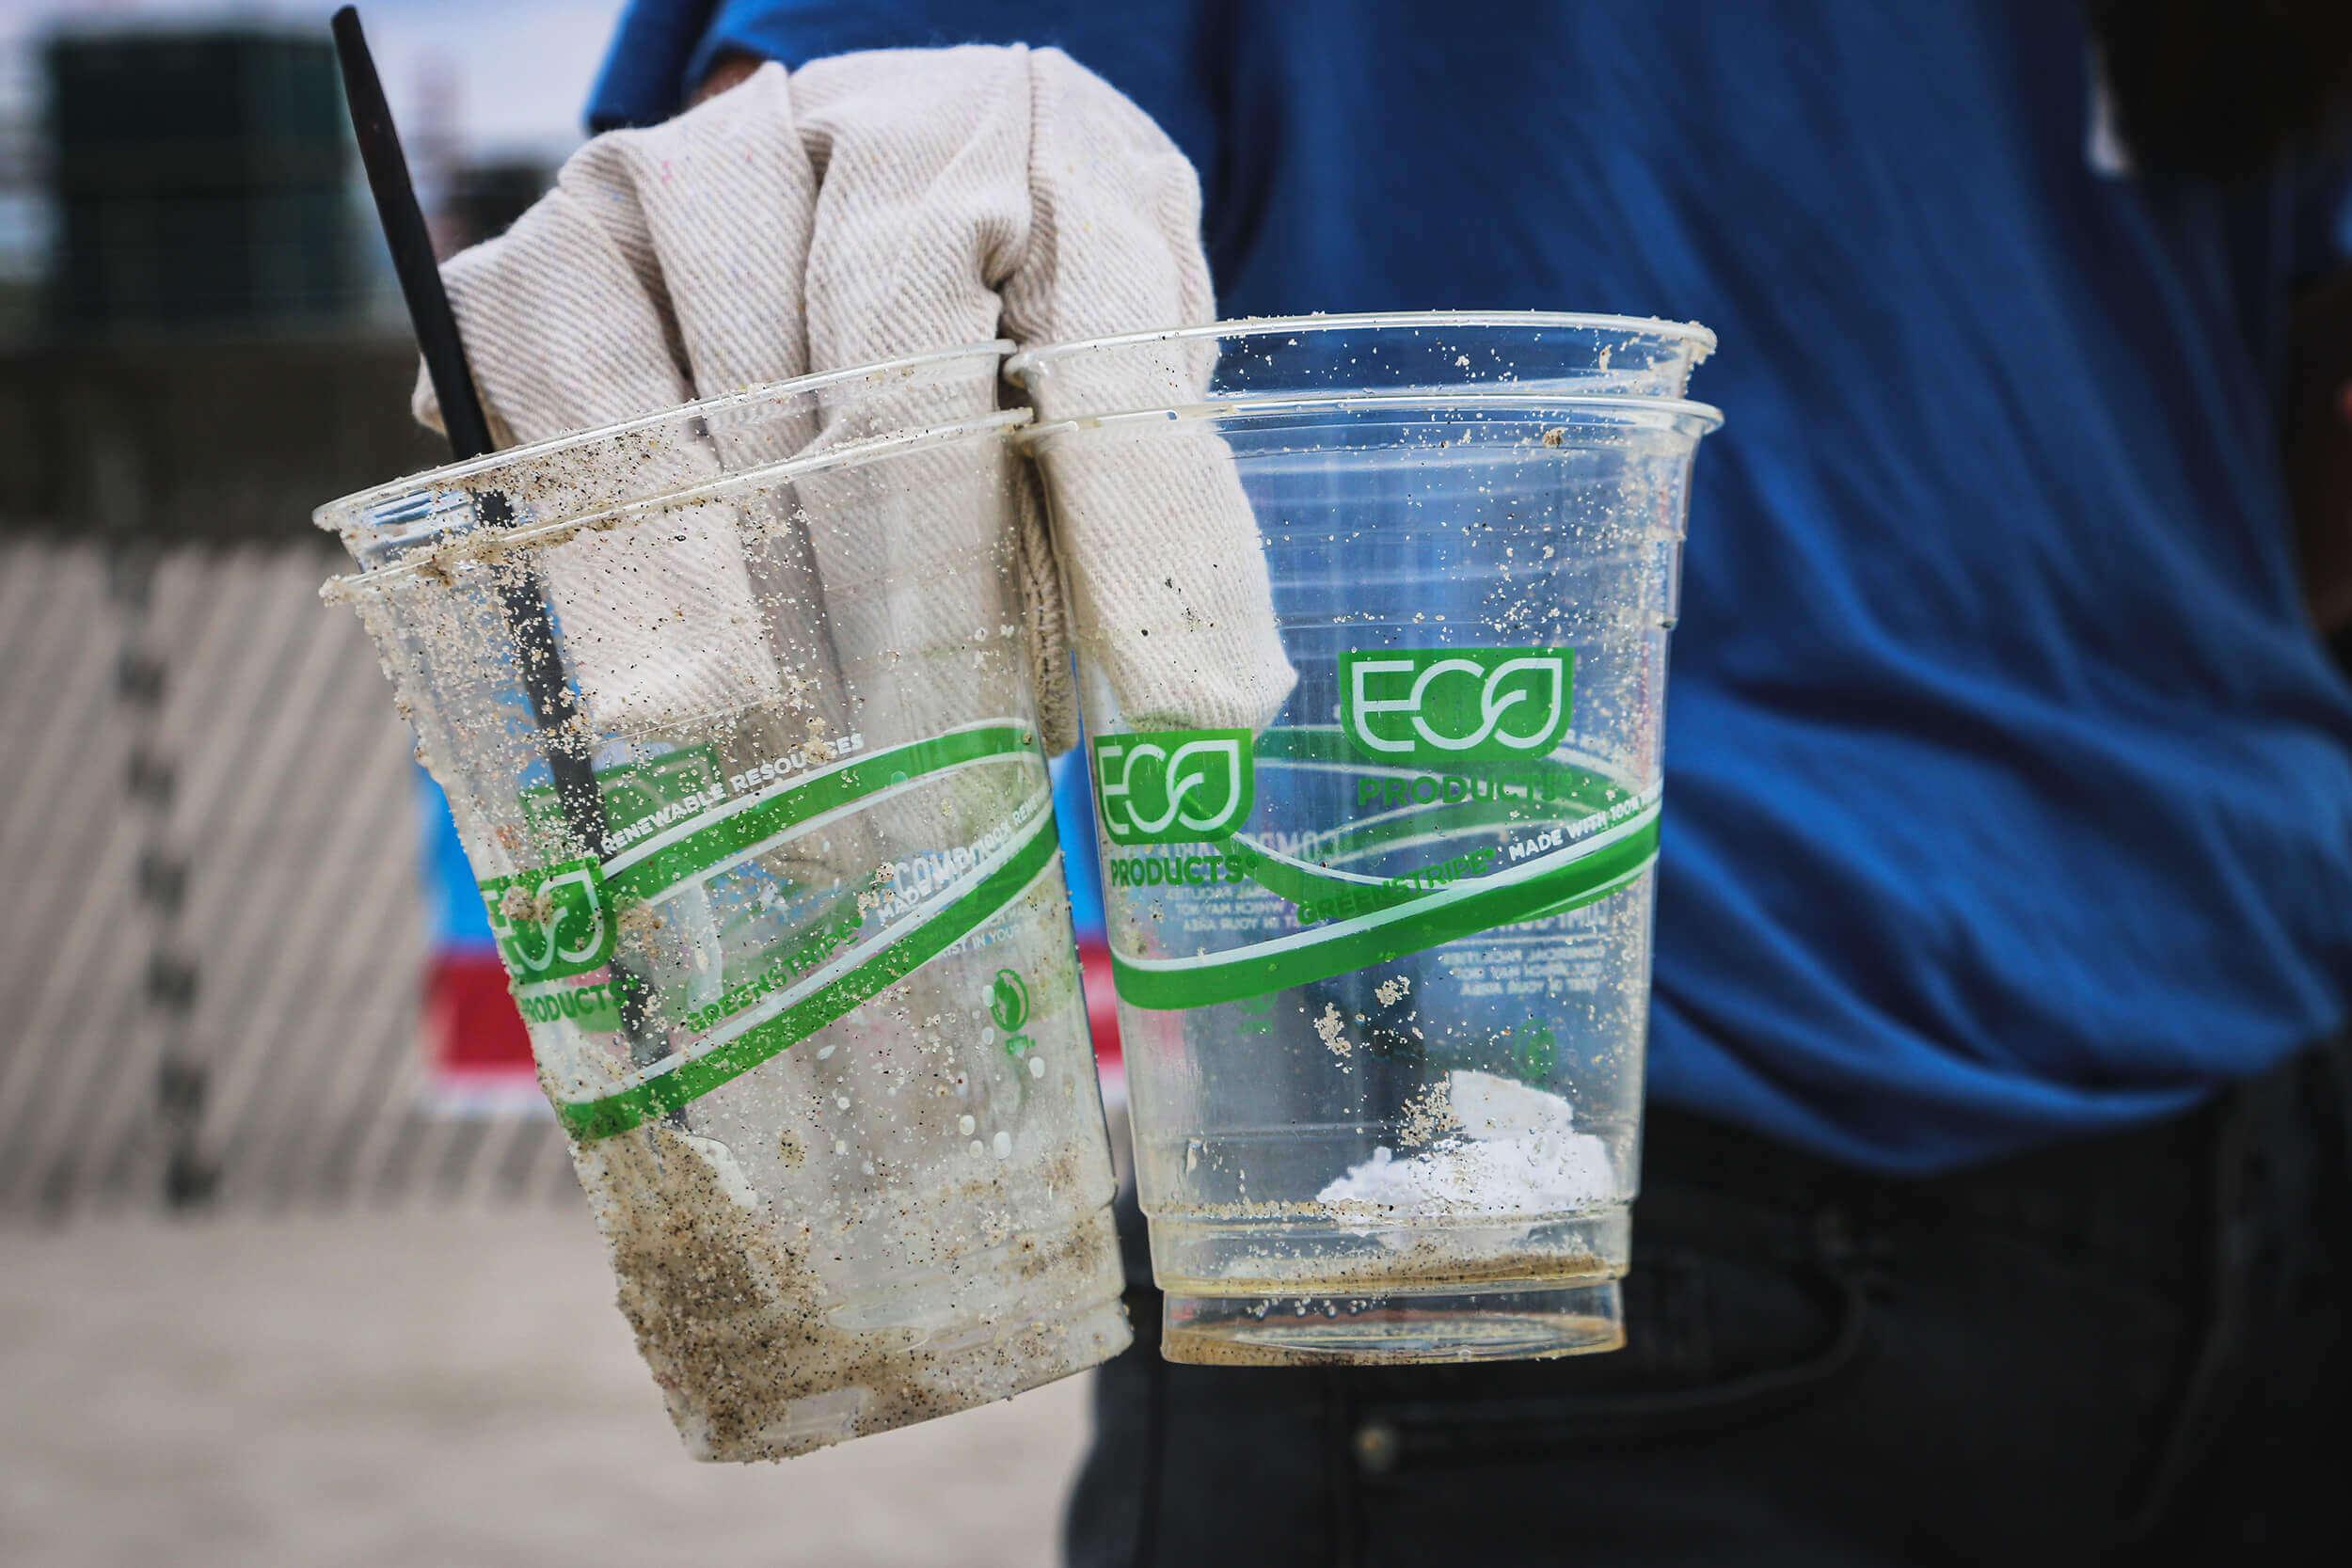 Greenwashing Uitgelegd: Wat Is Het En Hoe Kun Je Het Herkennen?